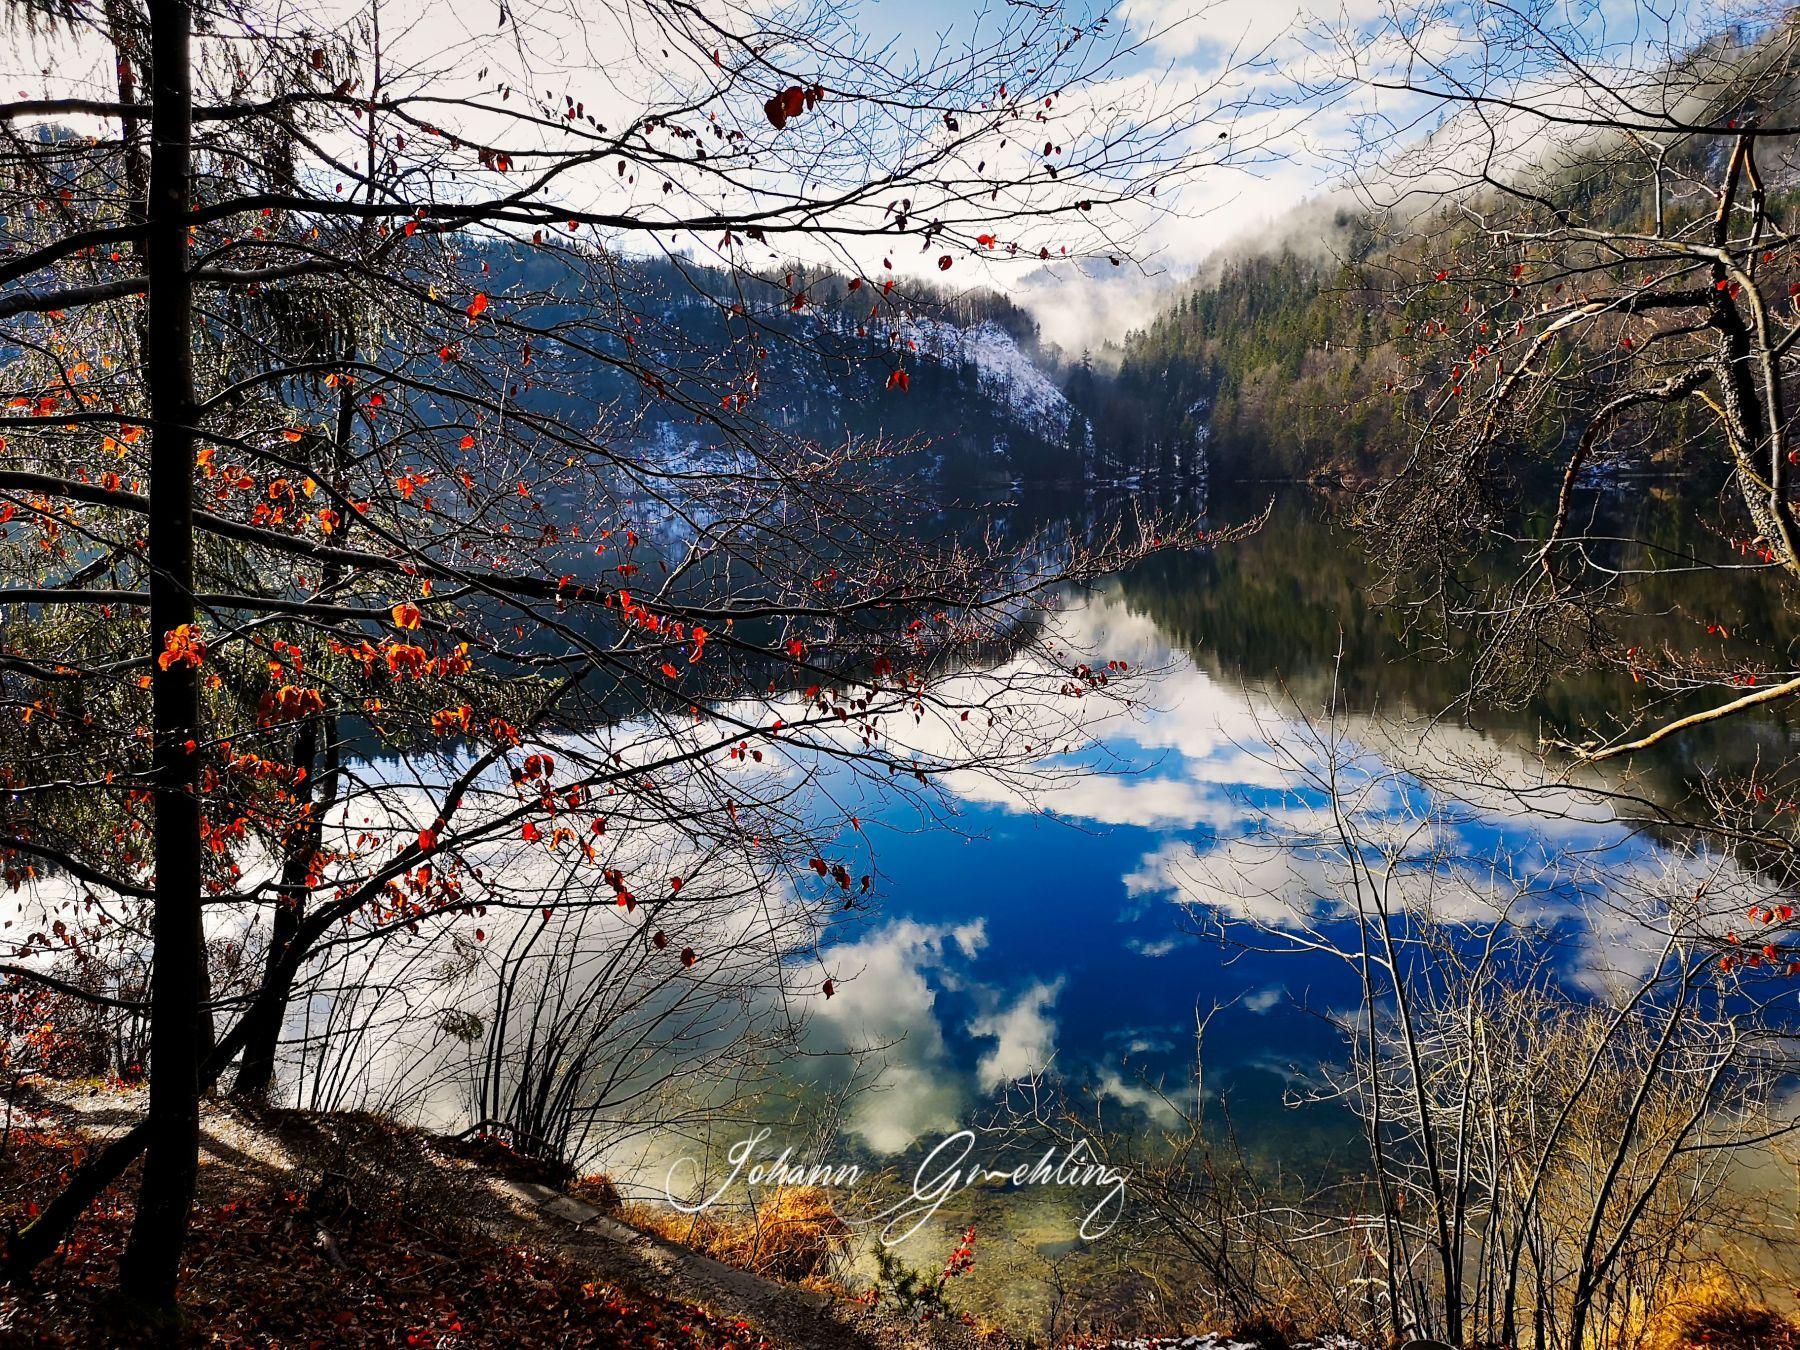 Wasser mit Spiegelung der Woleken und warme Farben am Ufer